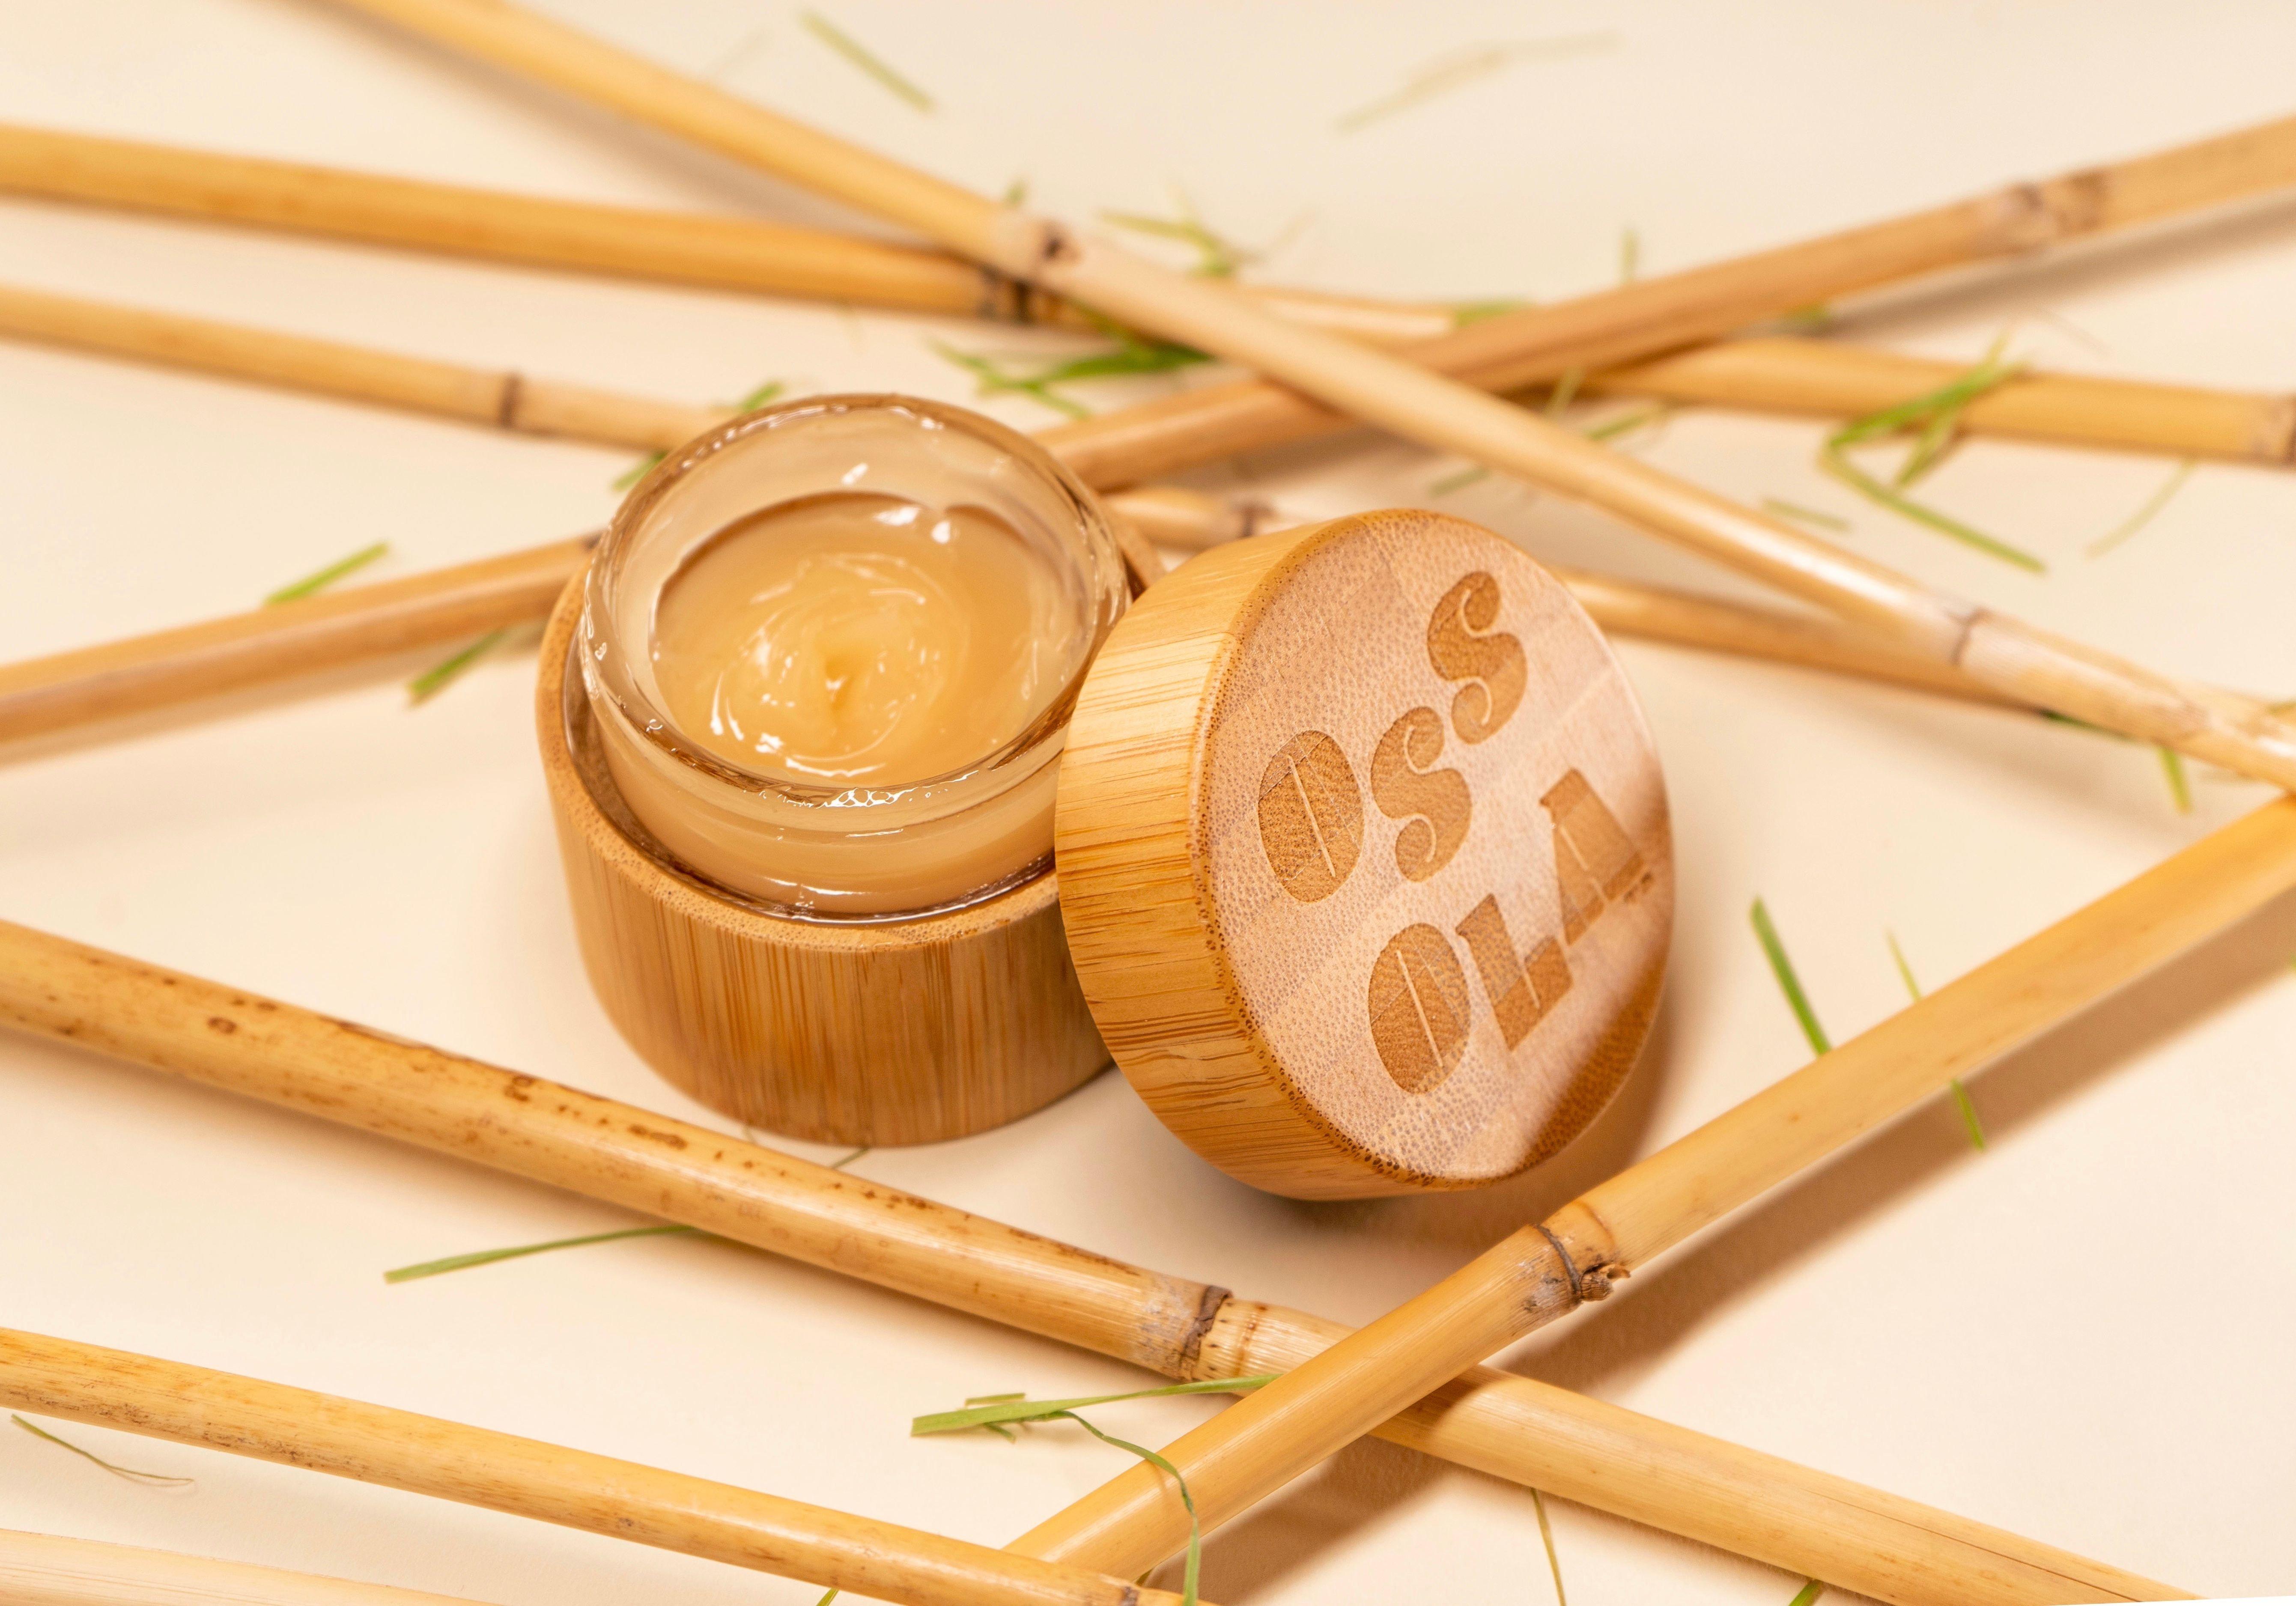 OSSOLA Skincare Manuka Honey Mask